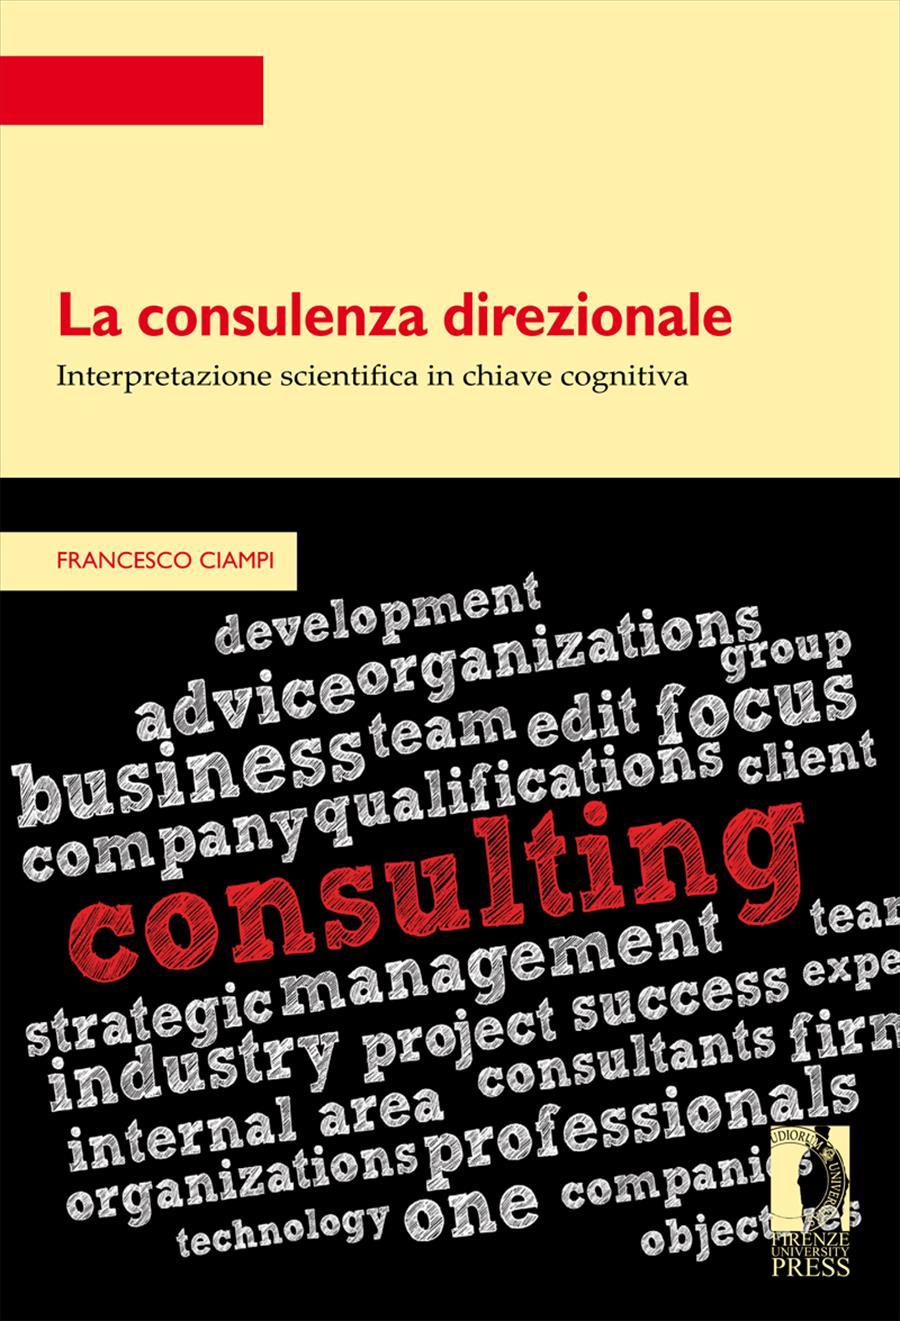 La consulenza direzionale: interpretazione scientifica in chiave cognitiva